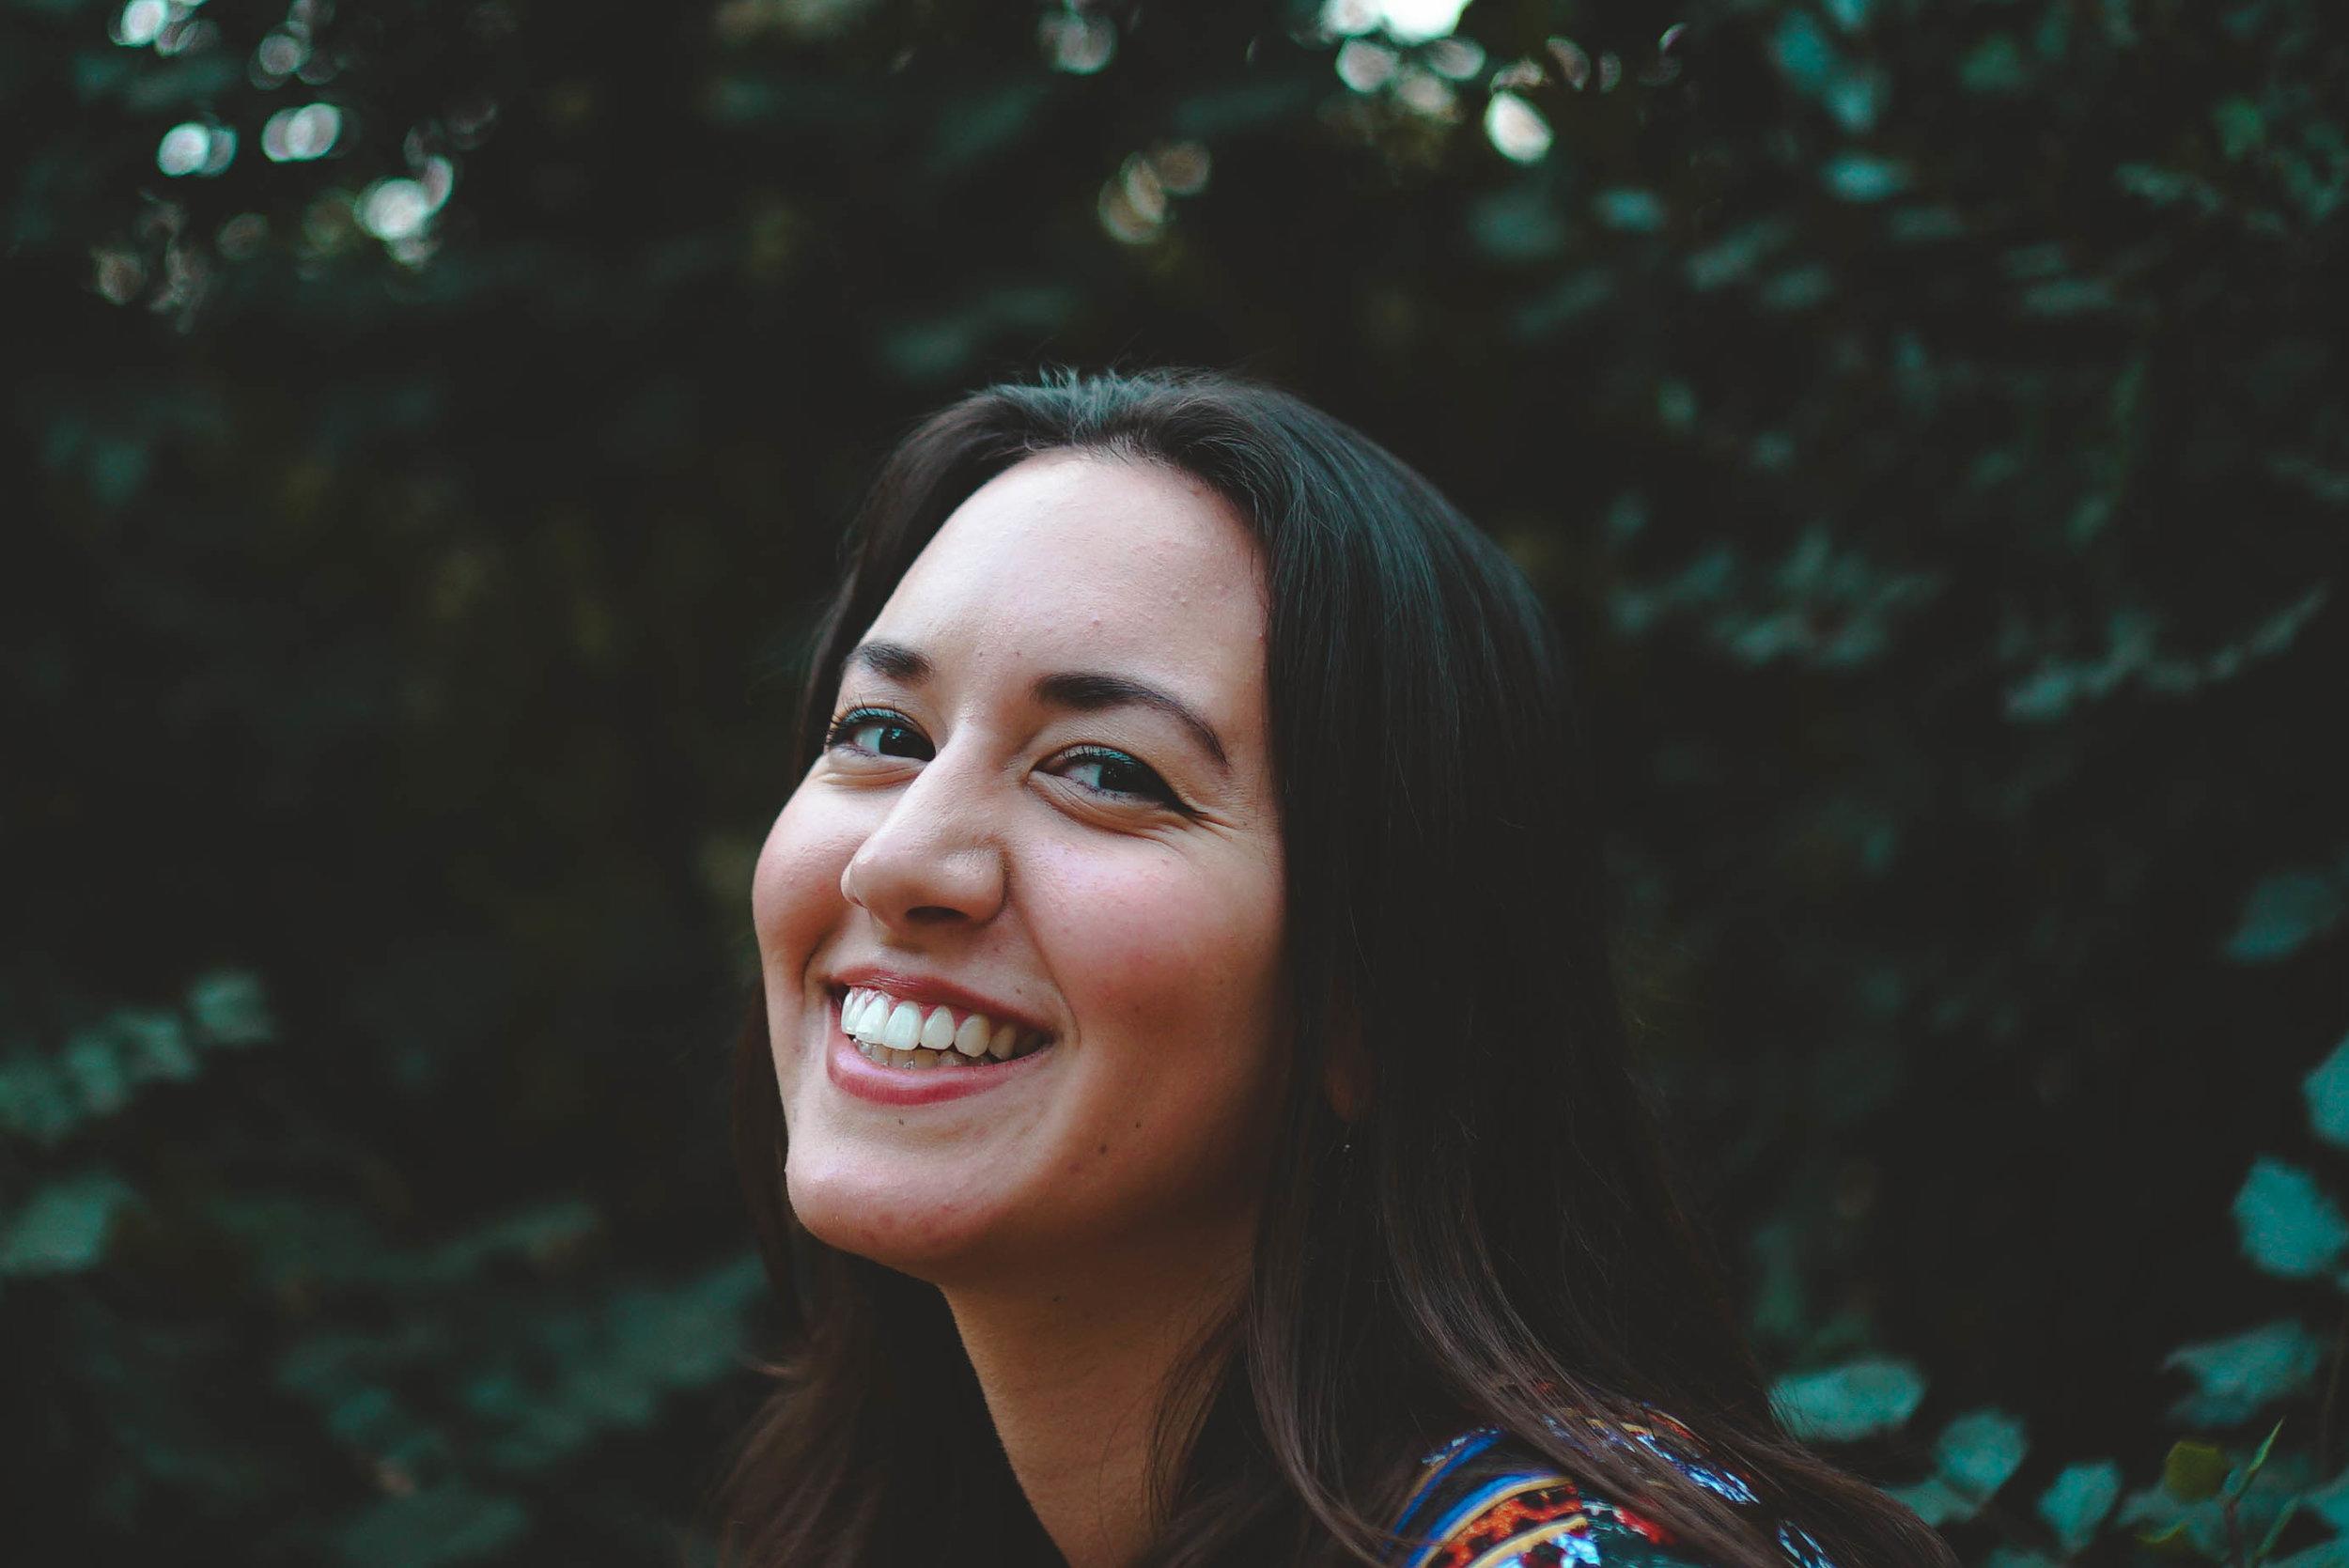 Carissa Photoshoot (39 of 74).jpg